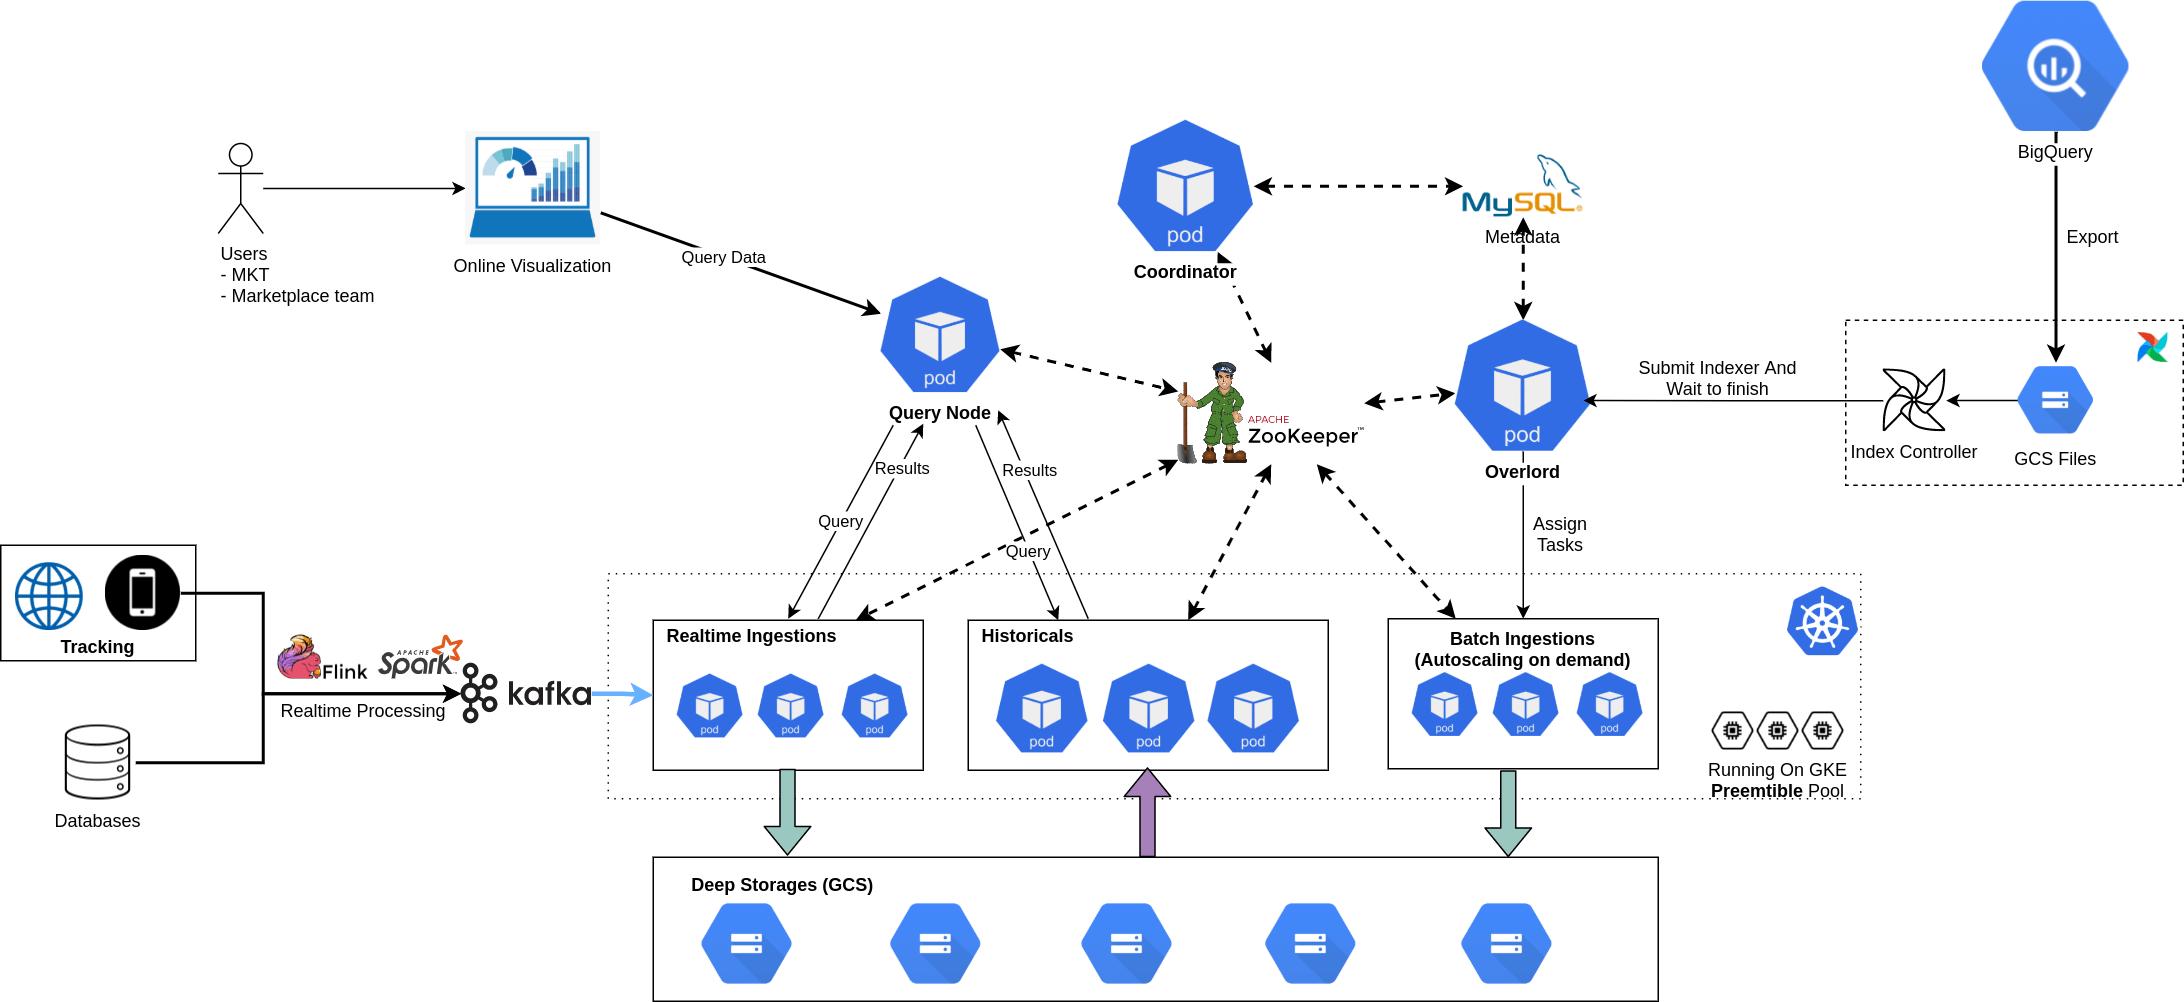 TIKI scales data platform visualization với Apache Druid như thế nào